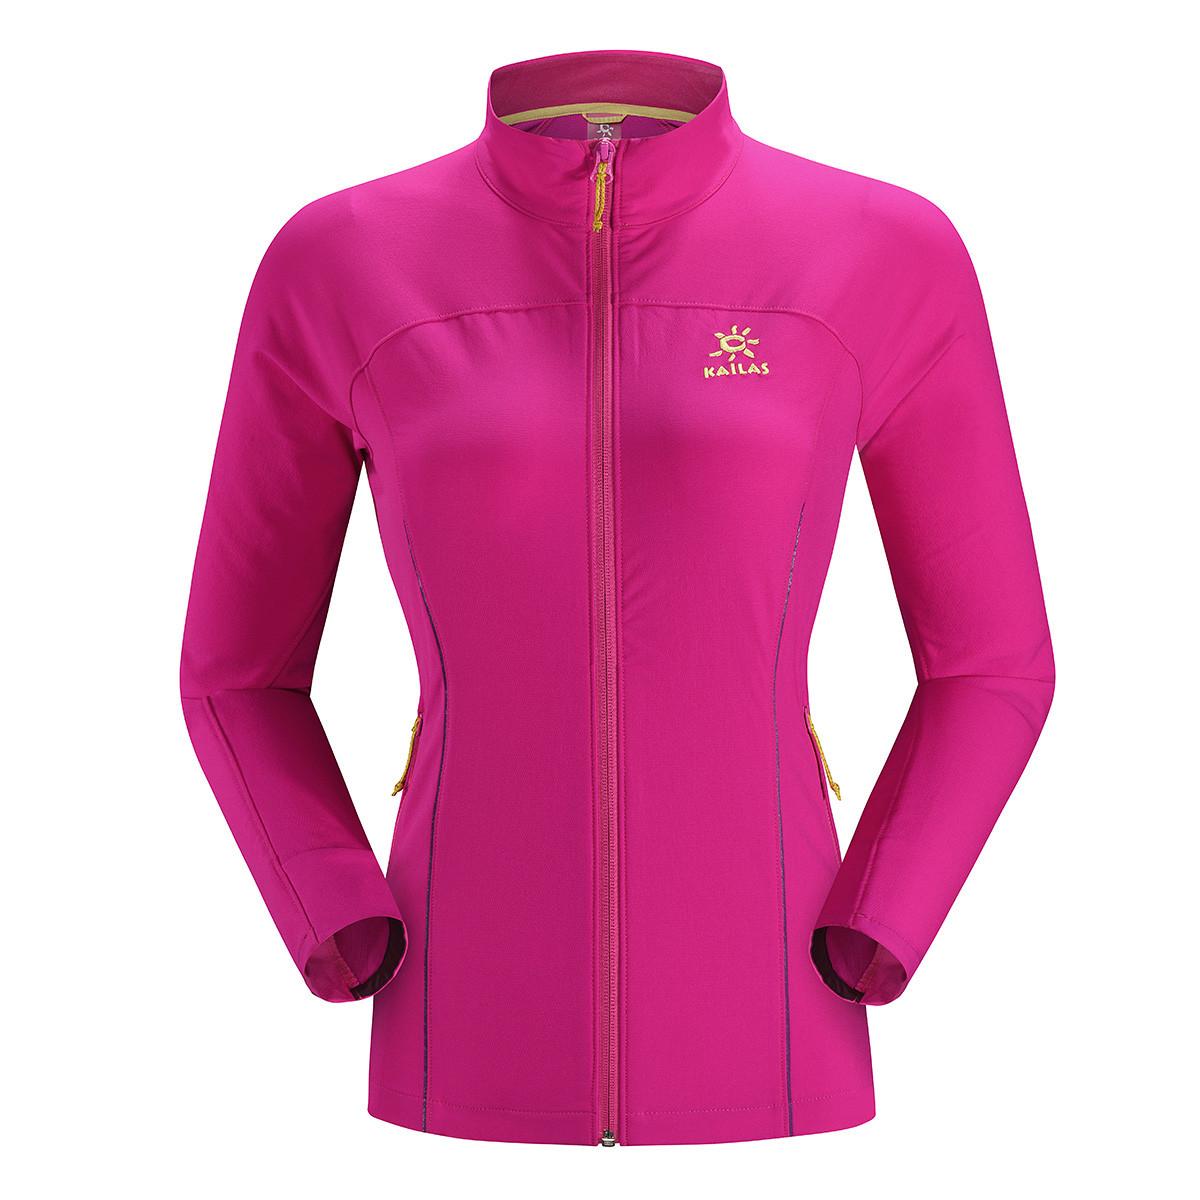 凯乐石女款透气舒适徒步防风外套软壳衣KG22016512018